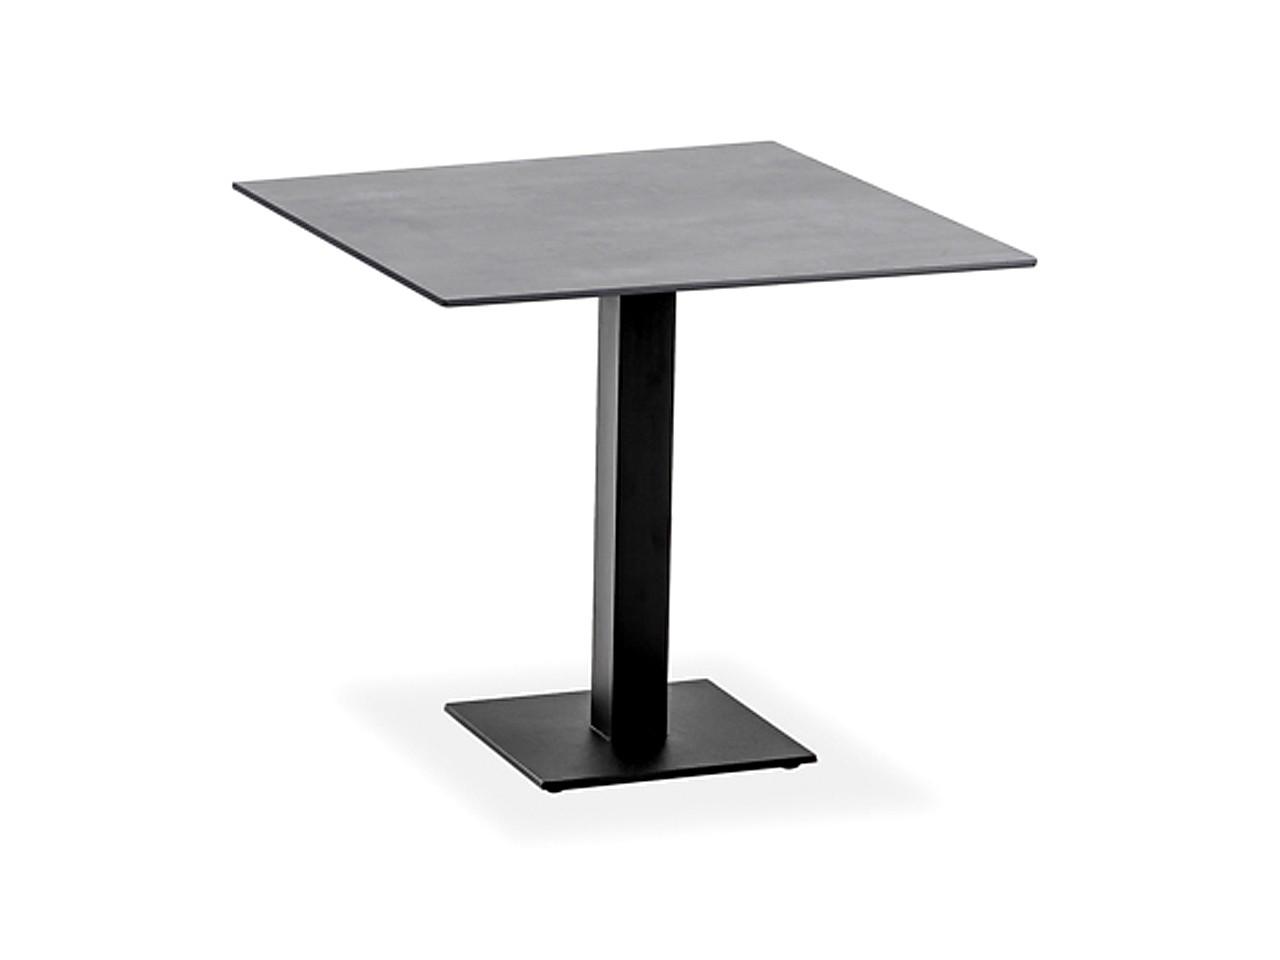 Niehoff Tisch Bistro quadratisch G510.004.025 81x81 cm Beton